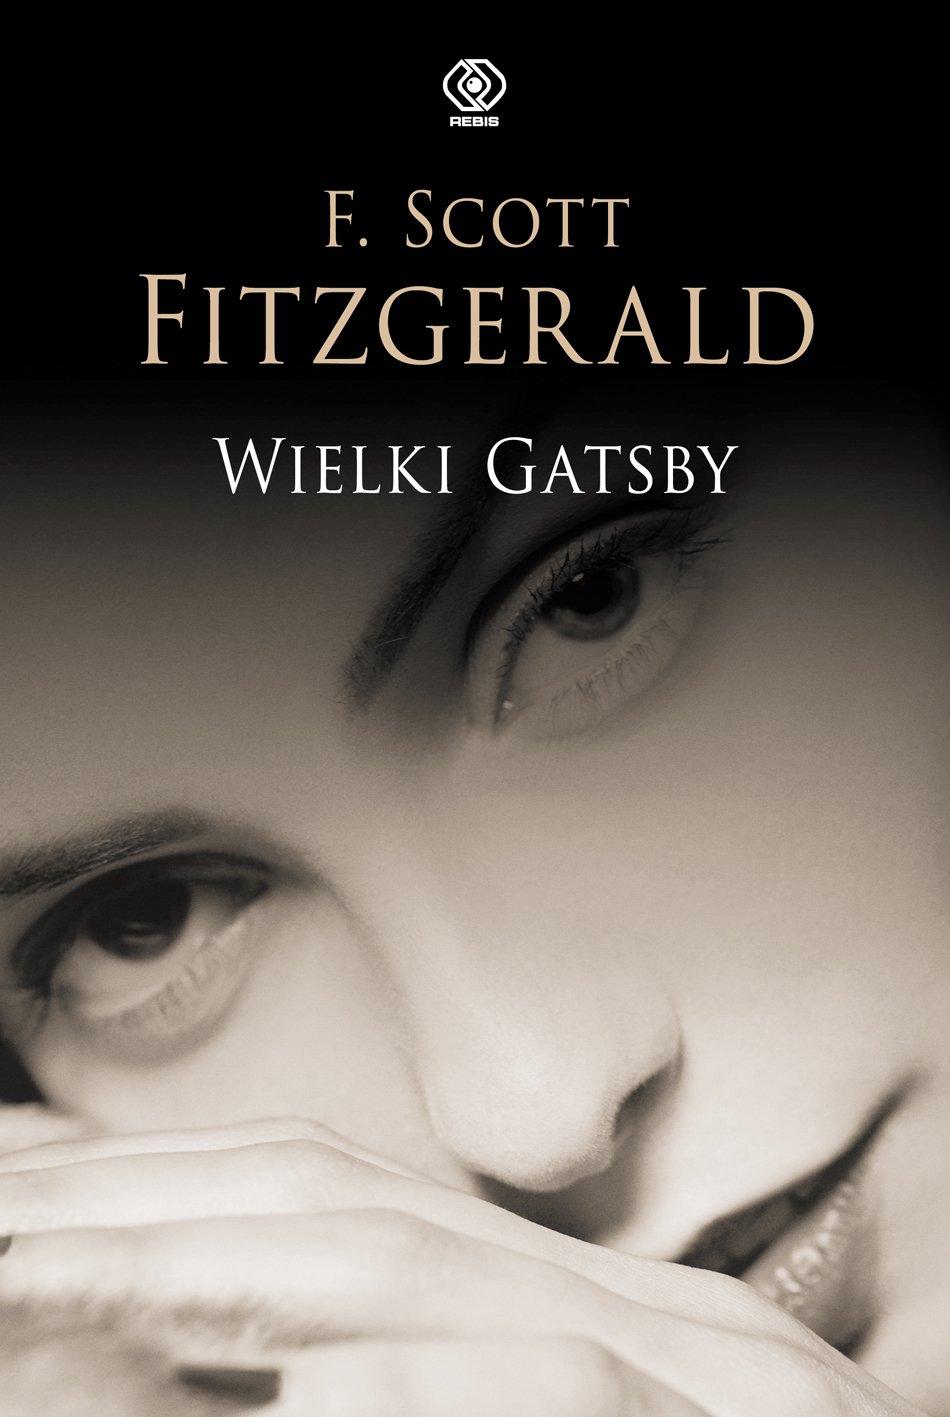 Wielki Gatsby - Ebook (Książka na Kindle) do pobrania w formacie MOBI